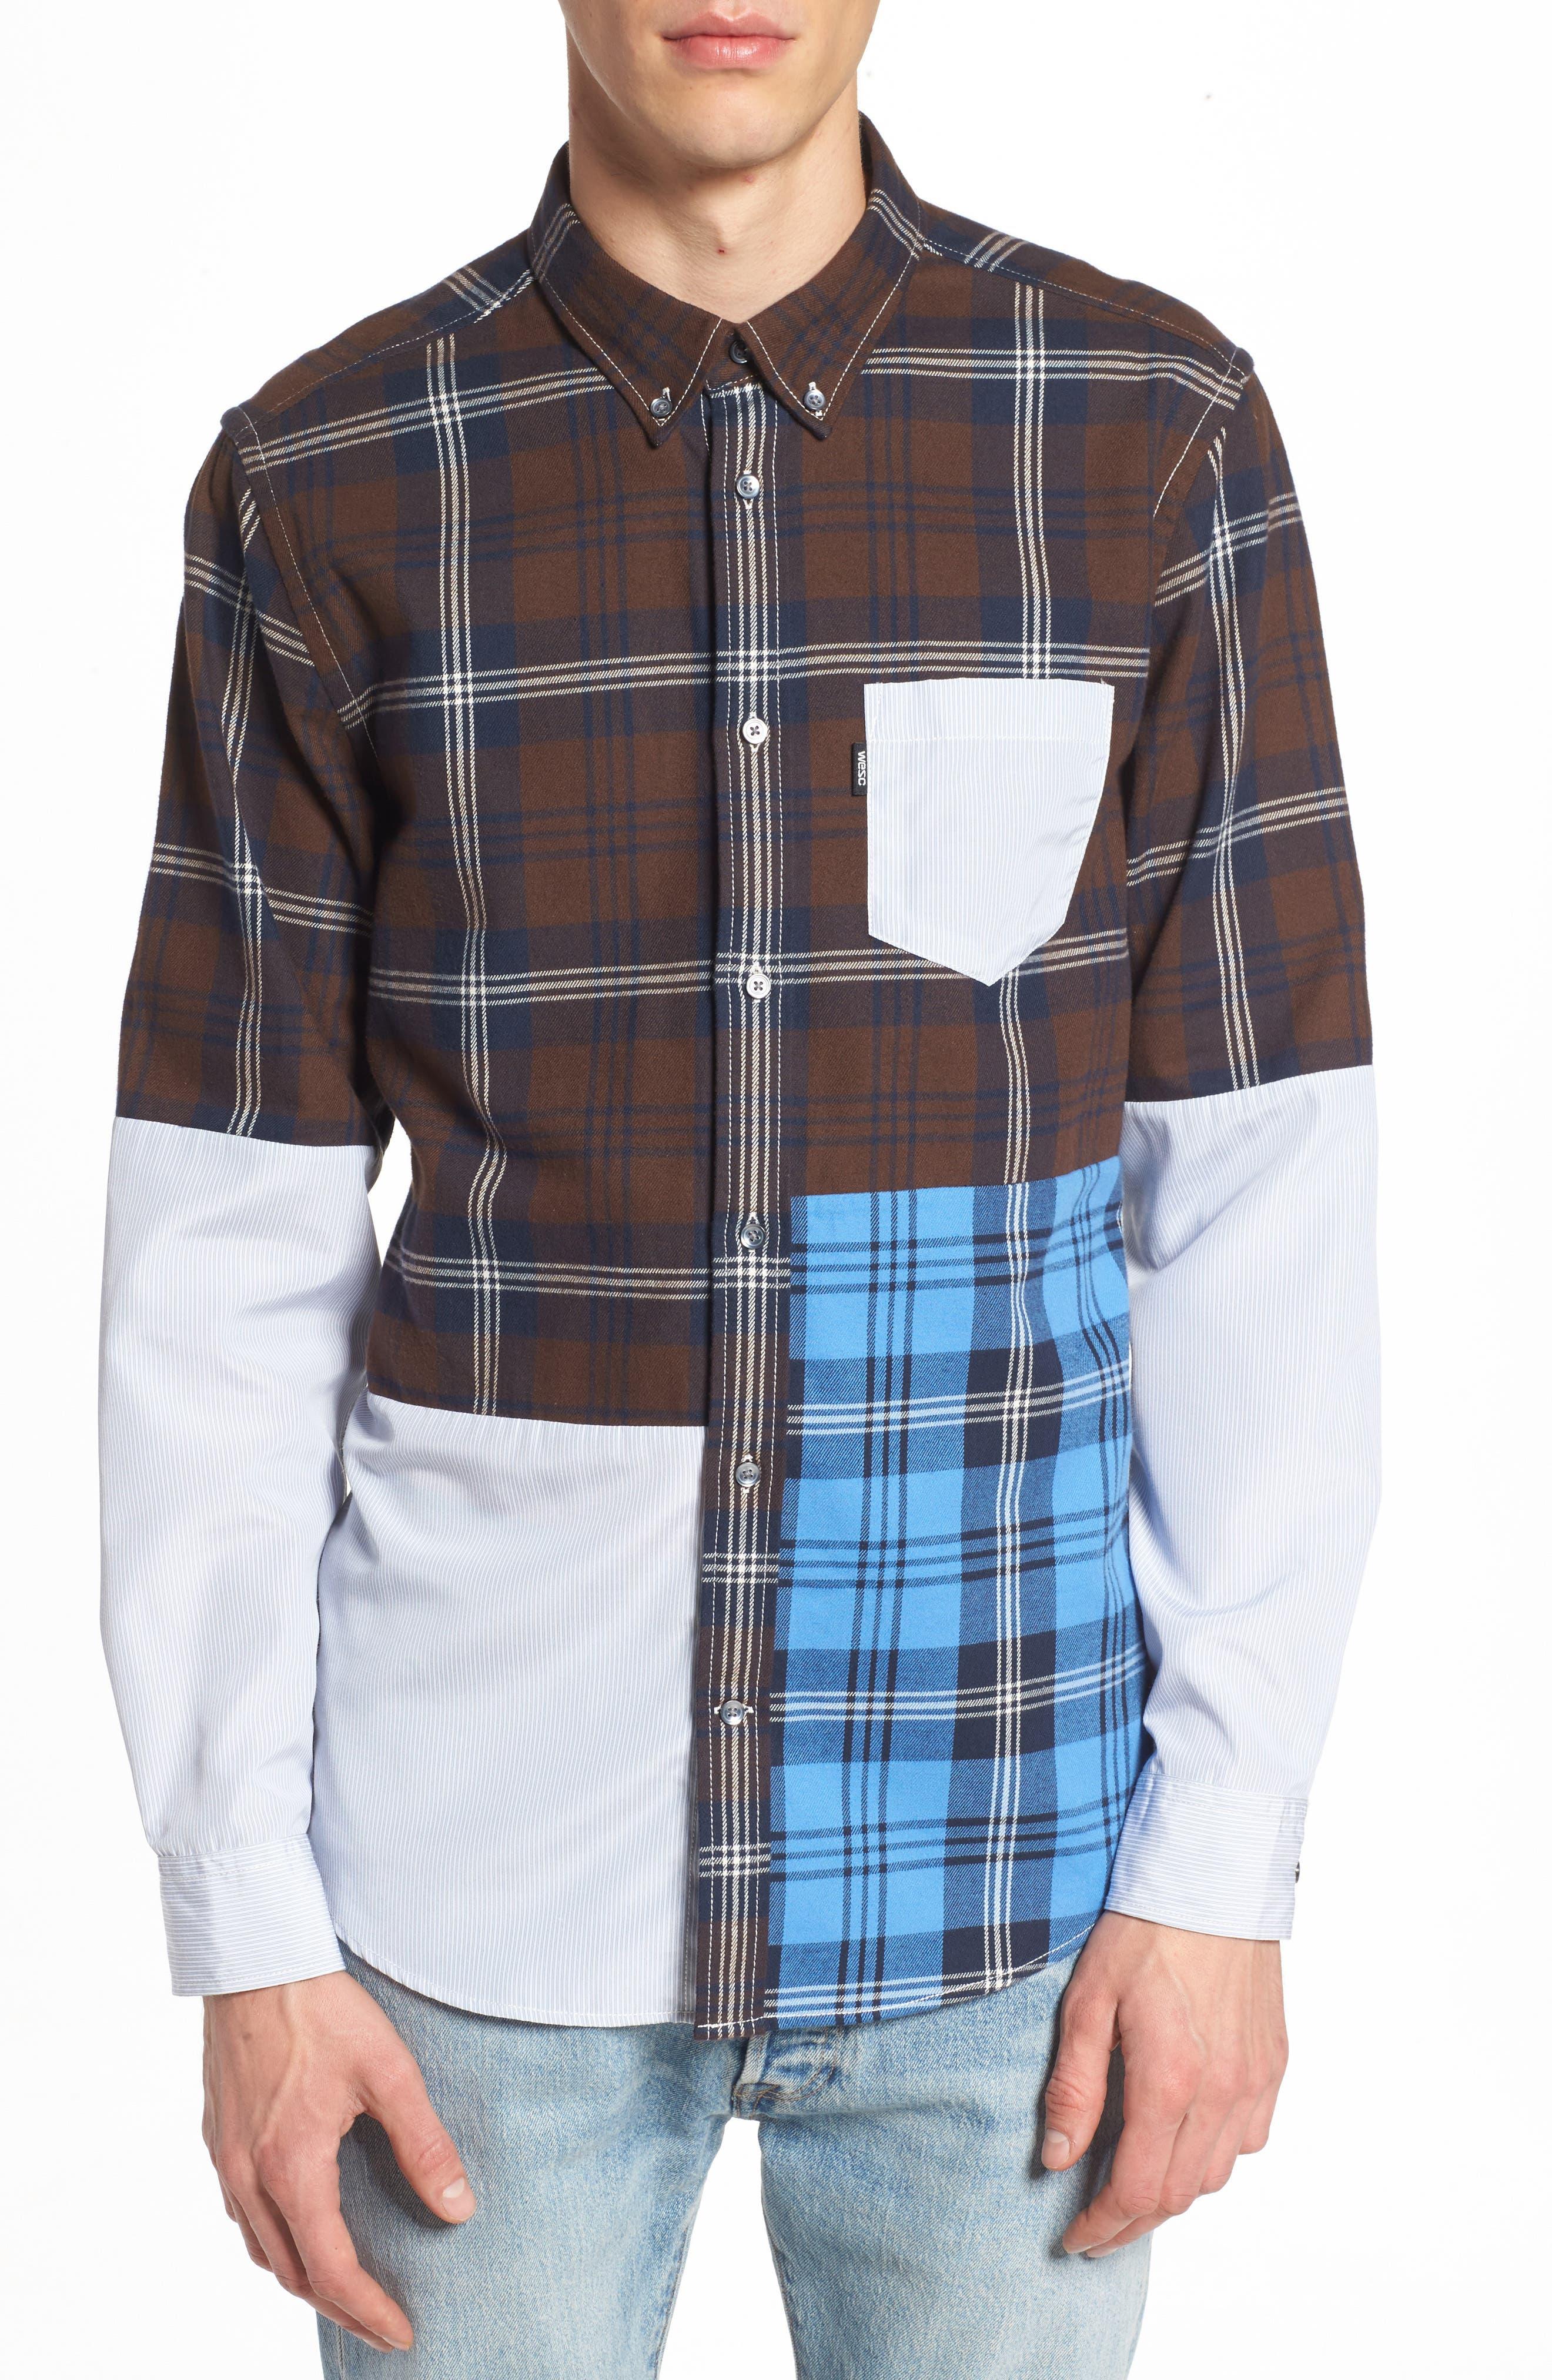 WeSC Voss Long Sleeve Shirt